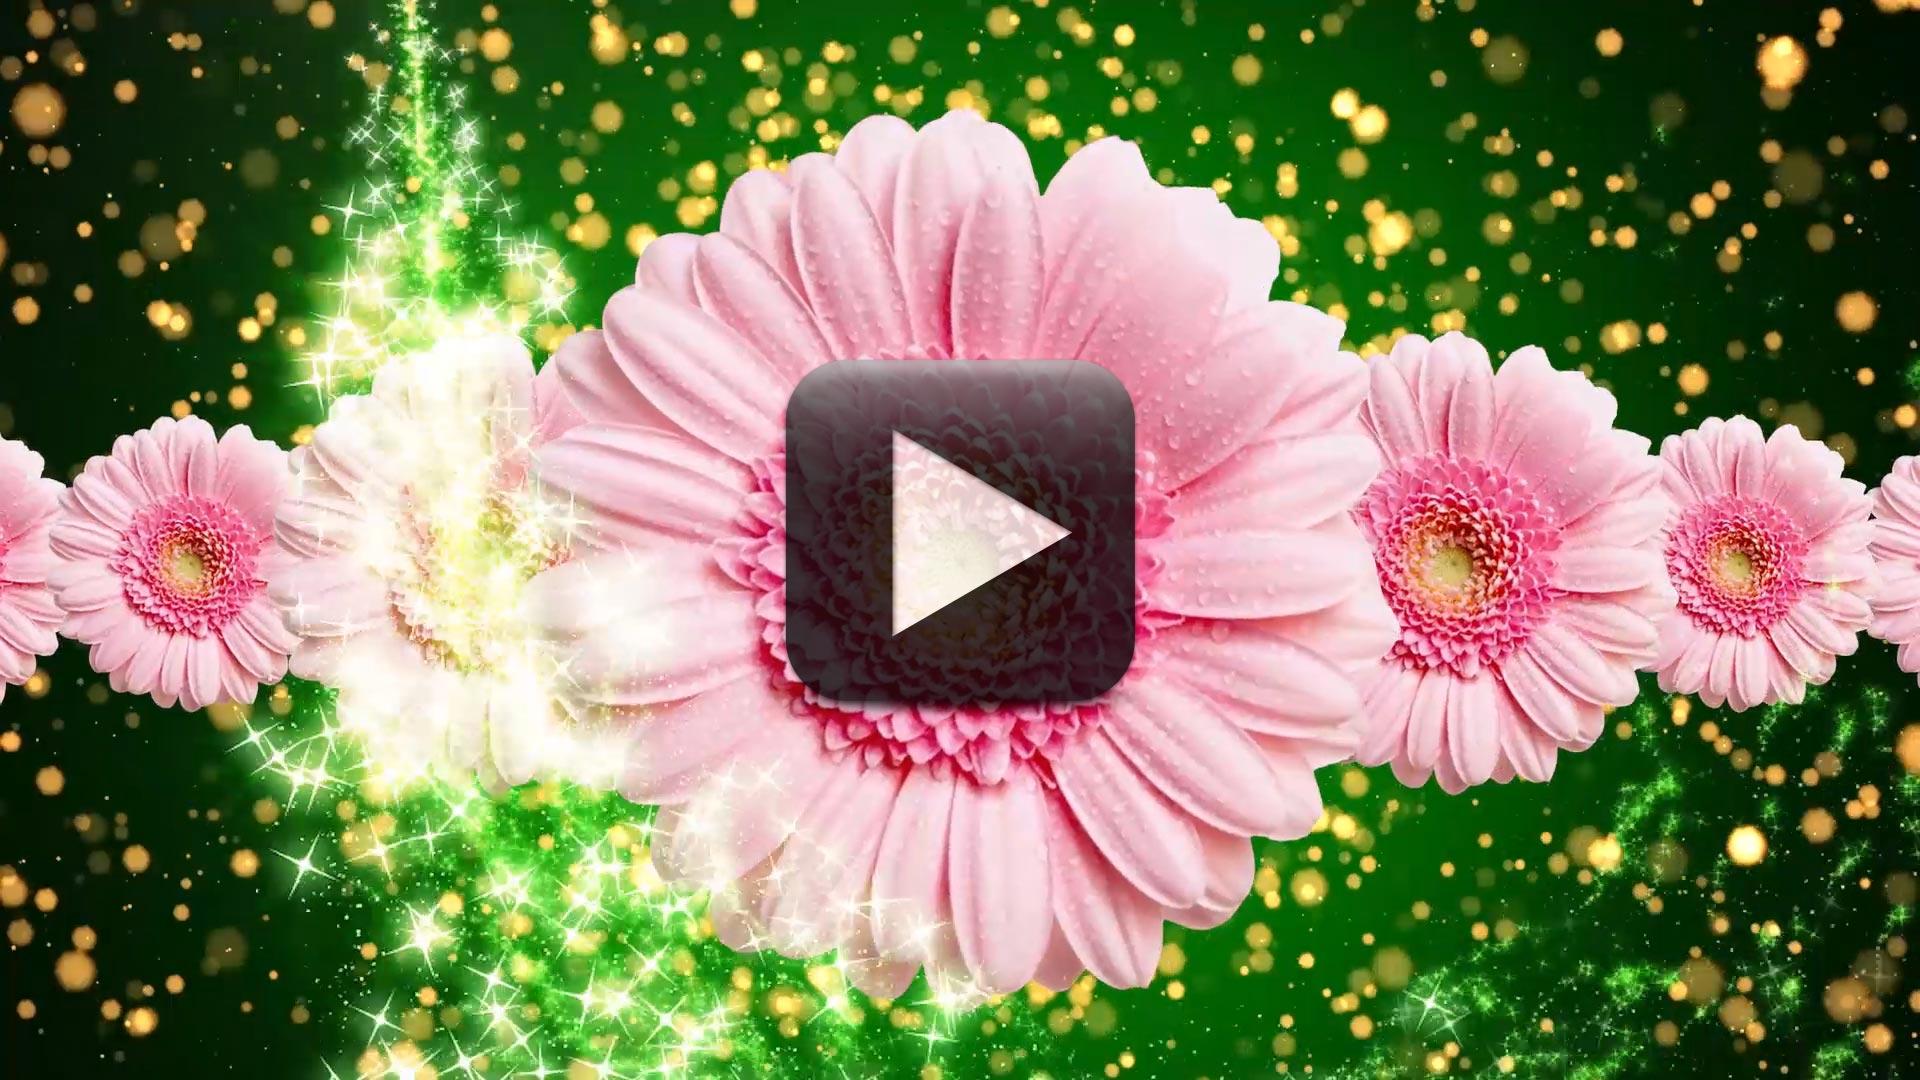 Best Wedding Title Background Video